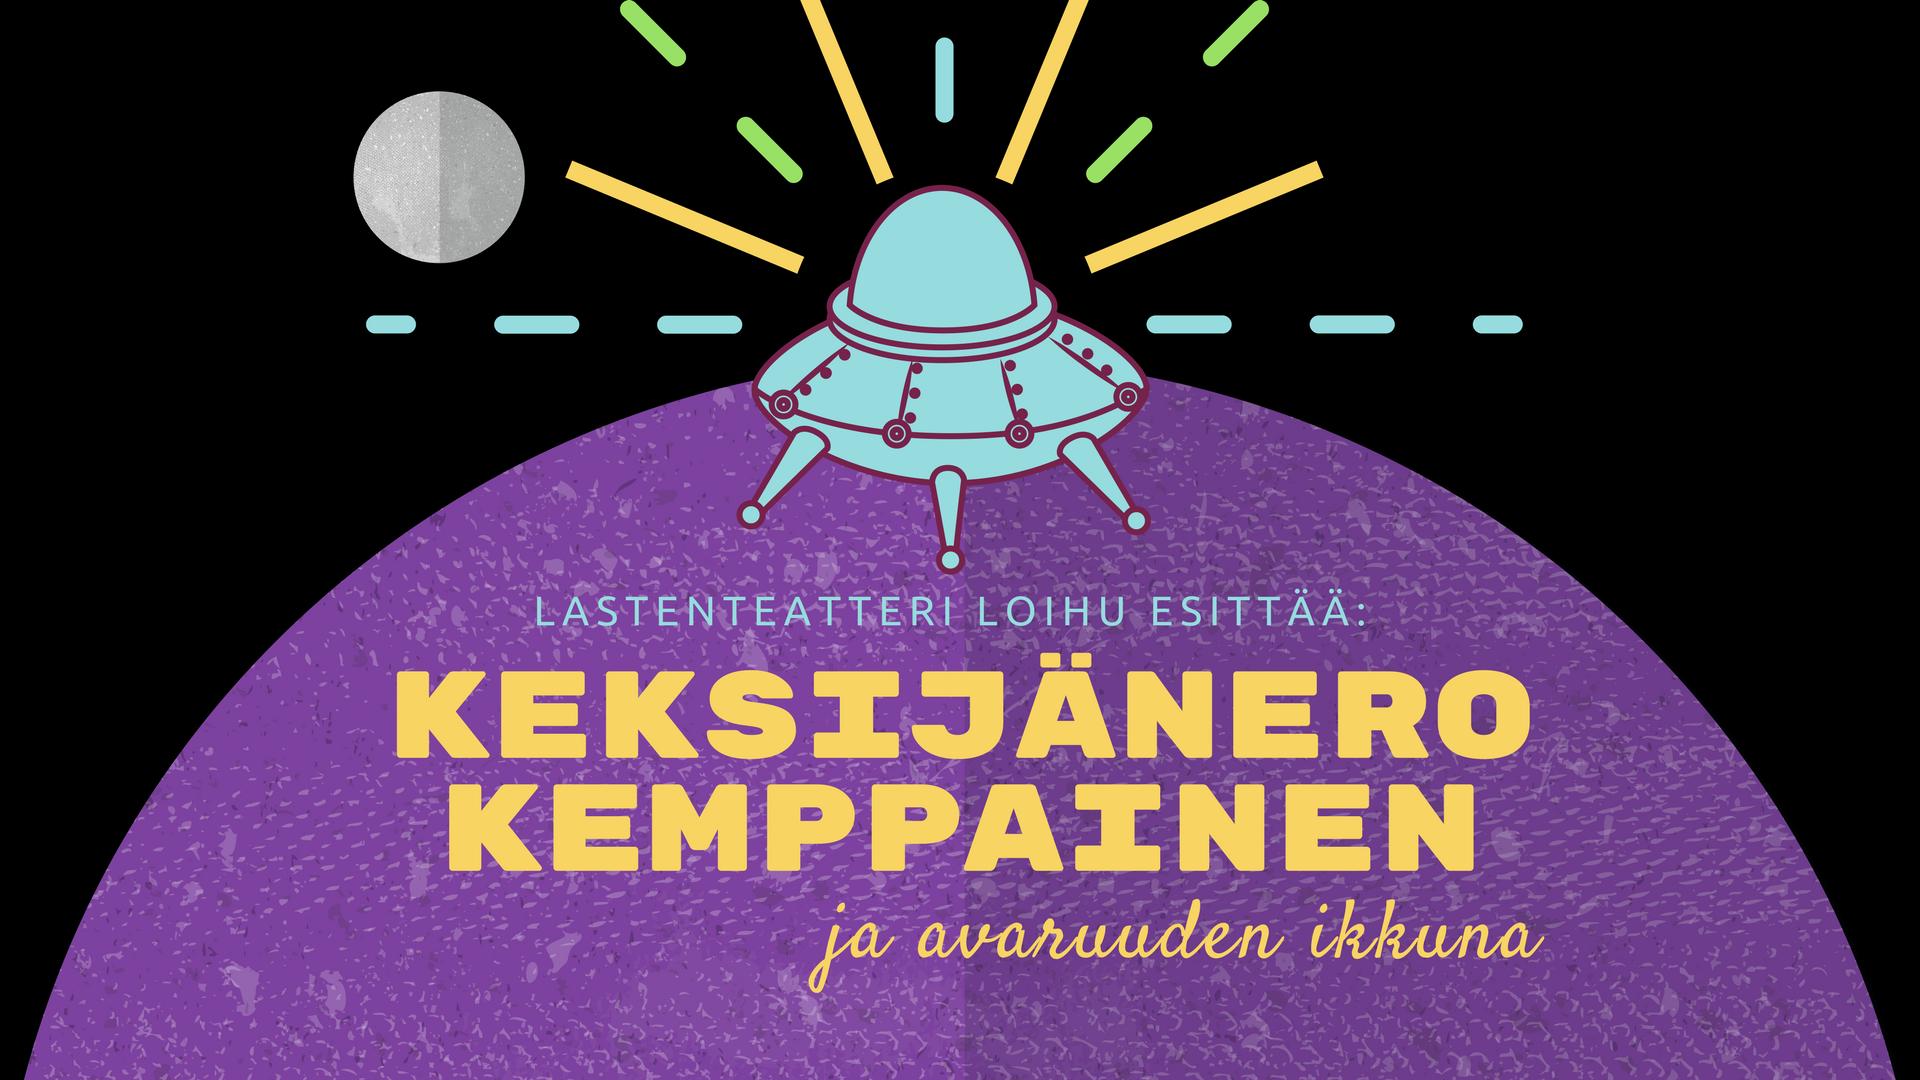 Lastenteatteri Loihu Jyväskylän kirjastoissa